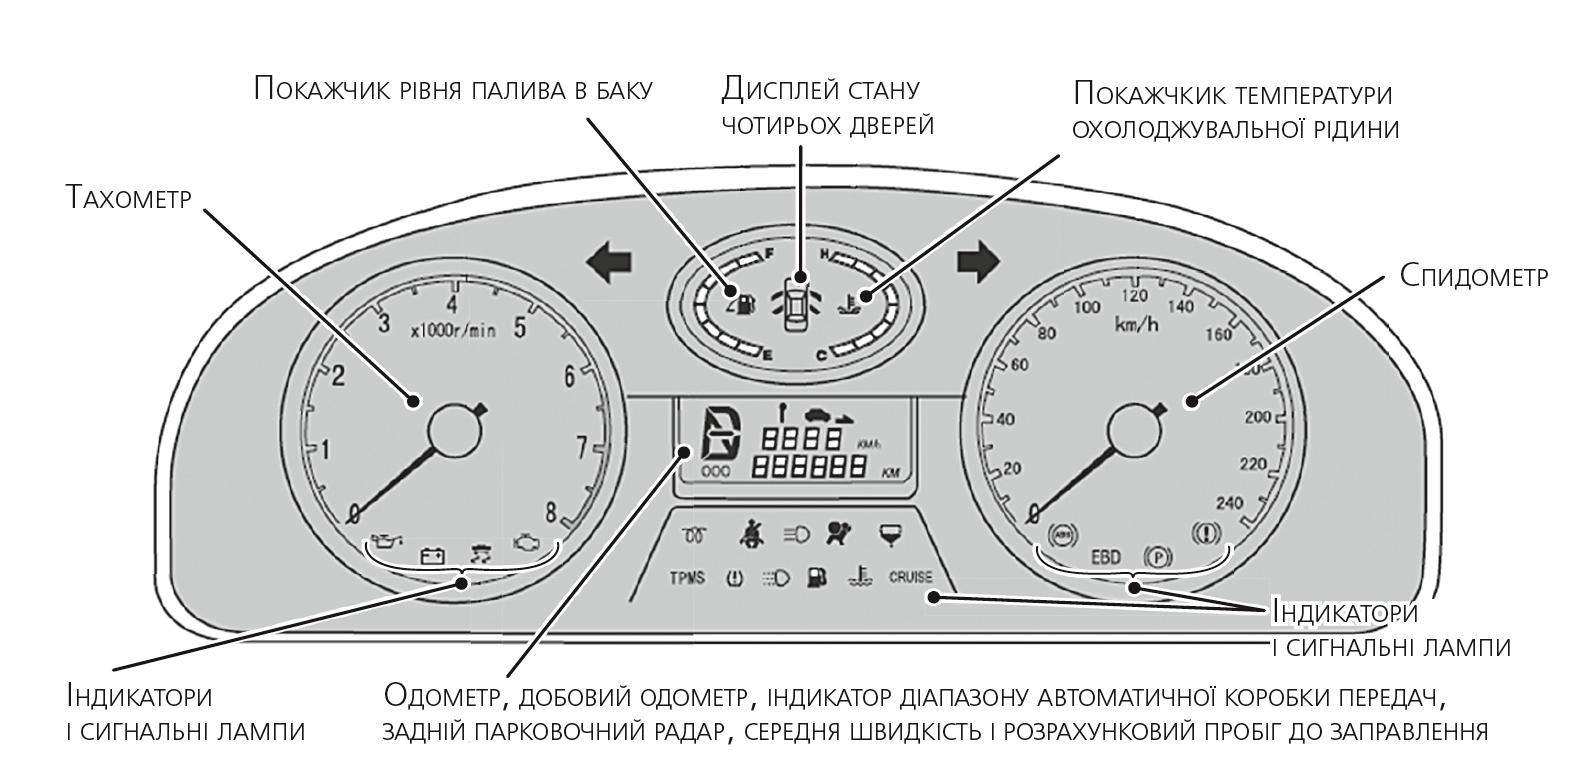 Приклад щитка приладів з покажчиками та індикаторами